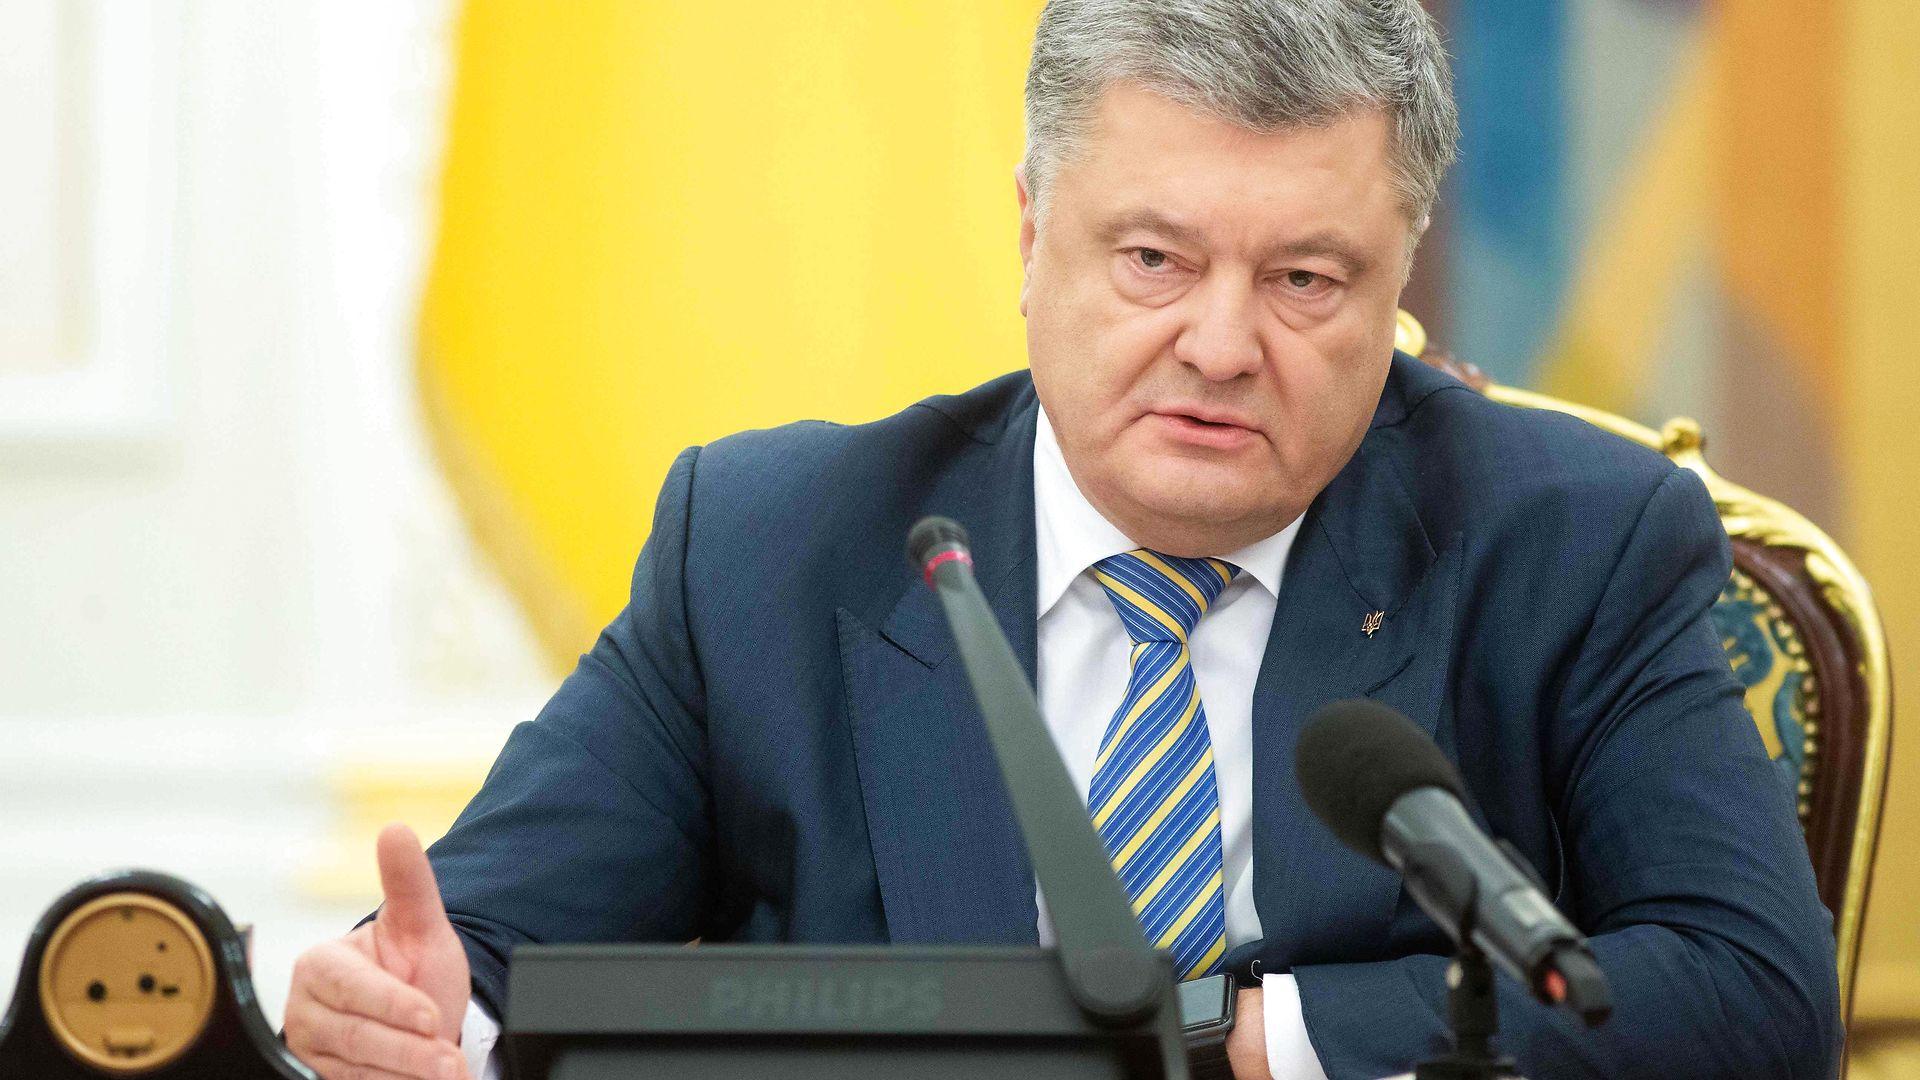 Ota Tiefenböck efter søndagens begivenheder: Er Rusland og Ukraine på vej mod en ny konflikt?